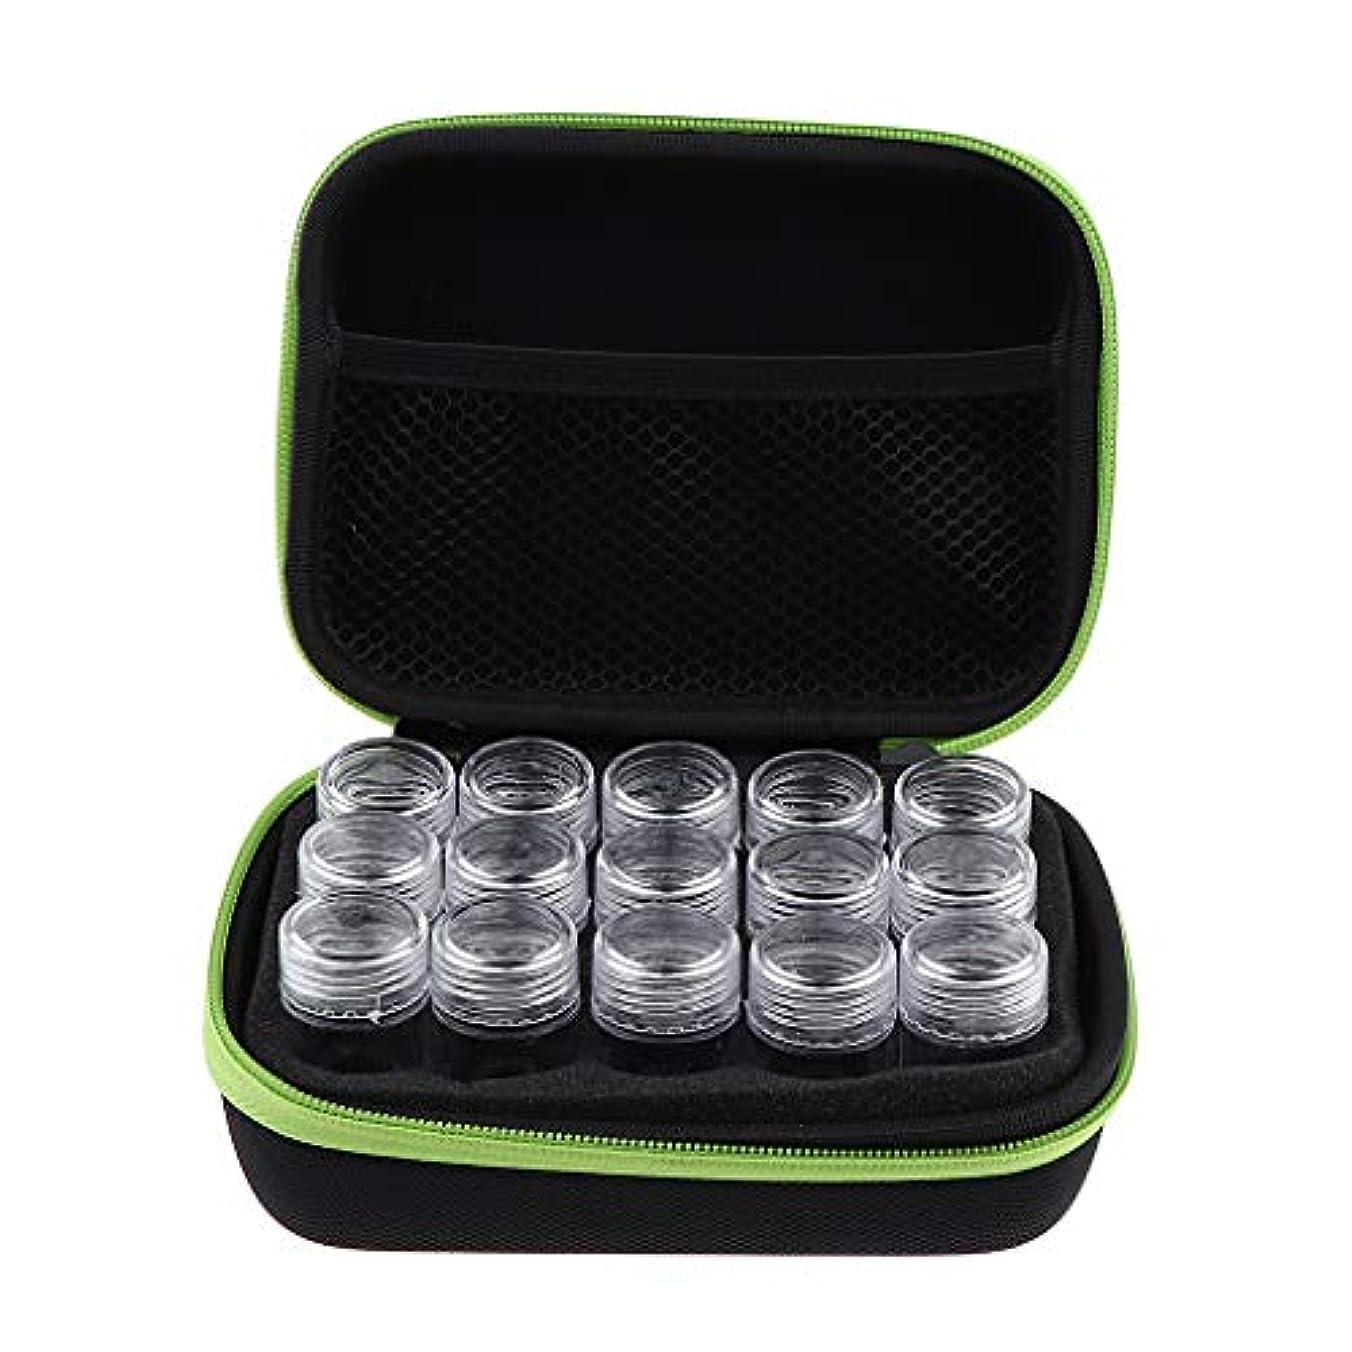 ディレクター気分が良いパキスタン人アロマポーチ エッセンシャルオイル ケース 携帯用 メイクポーチ 精油ケース 大容量 15本用 - 緑